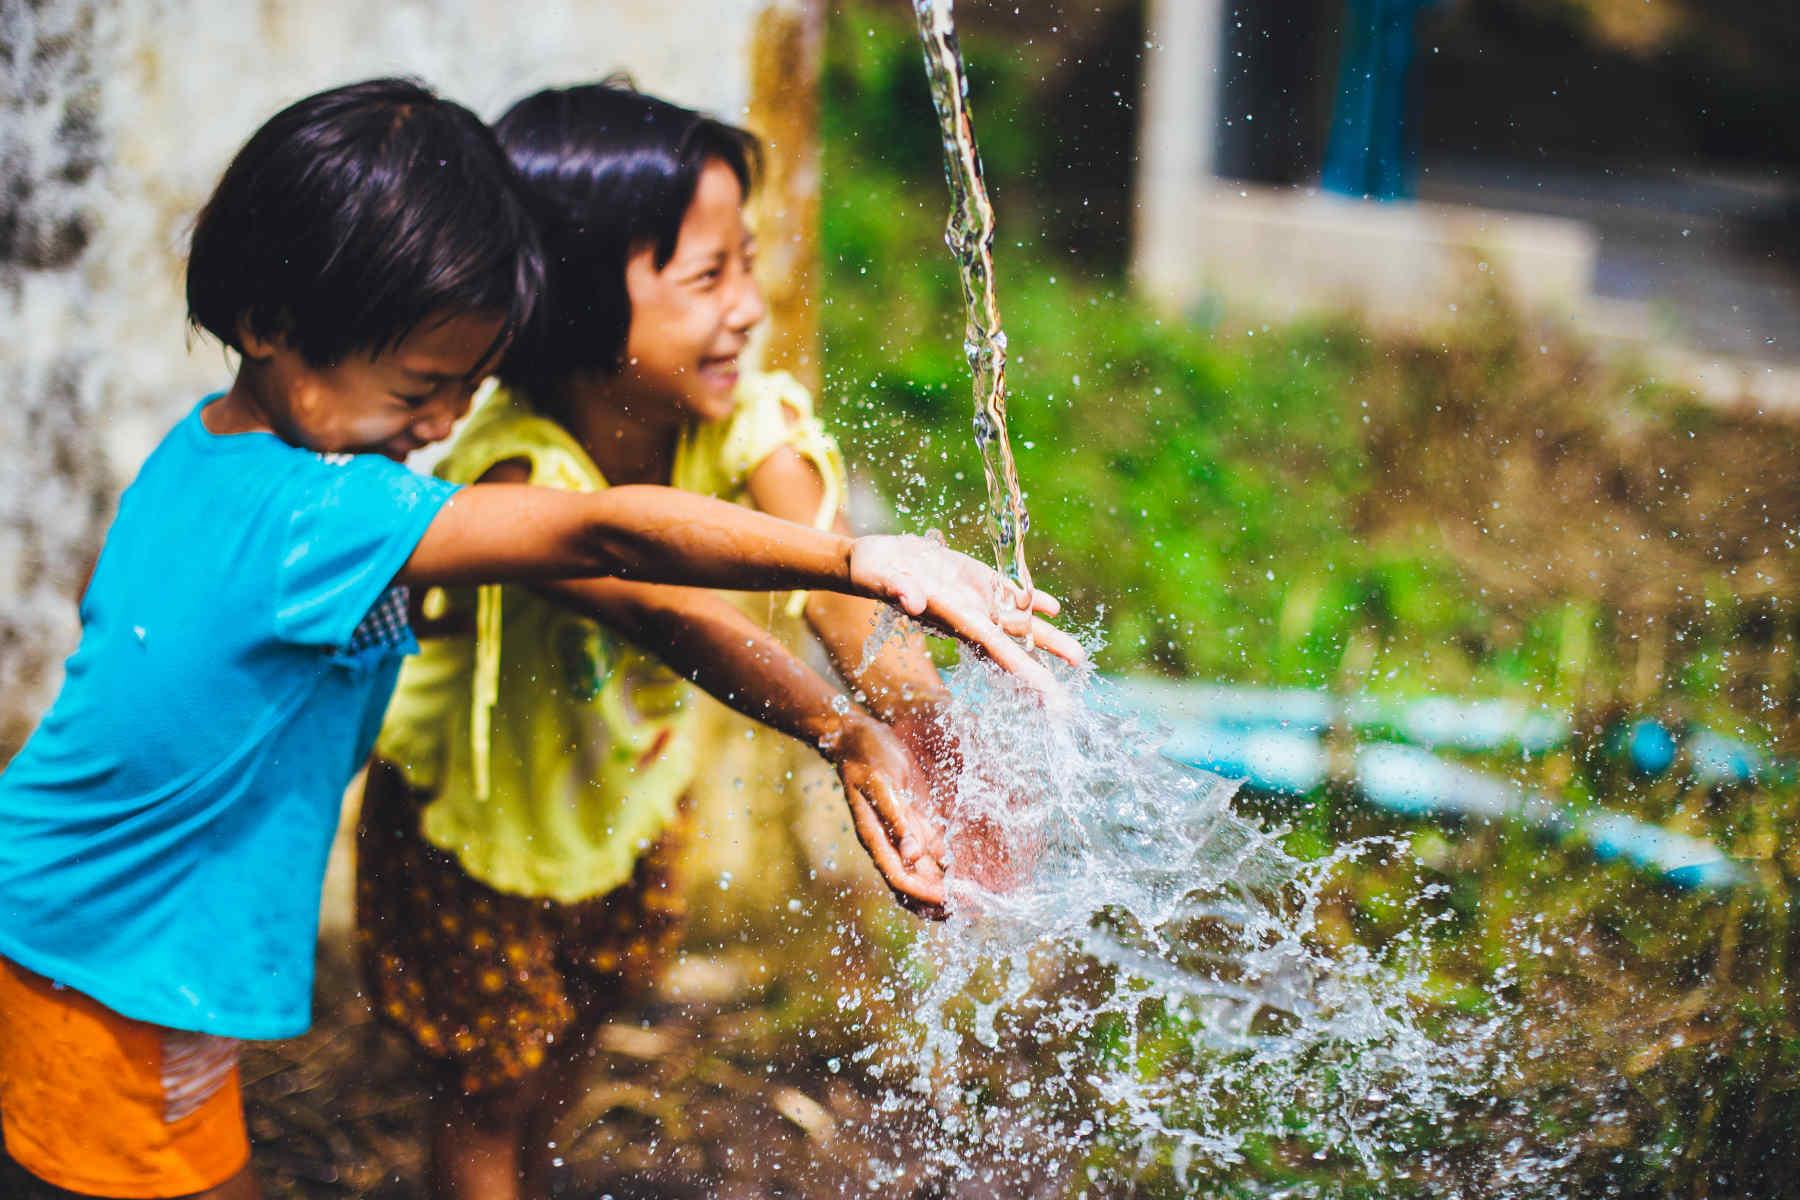 Les enfants élevés en ville ont un système immunitaire moins résistant que ceux élevés à la campagne